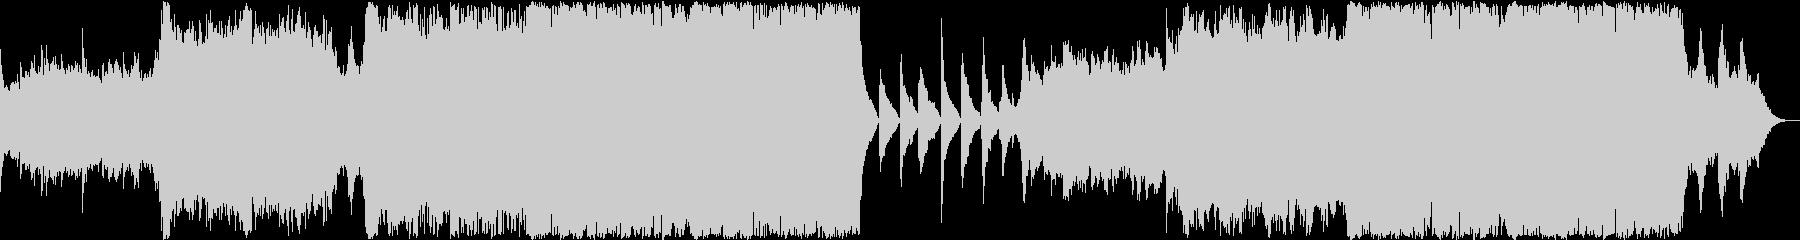 壮大で重厚なエピック音楽 感動シーンの未再生の波形